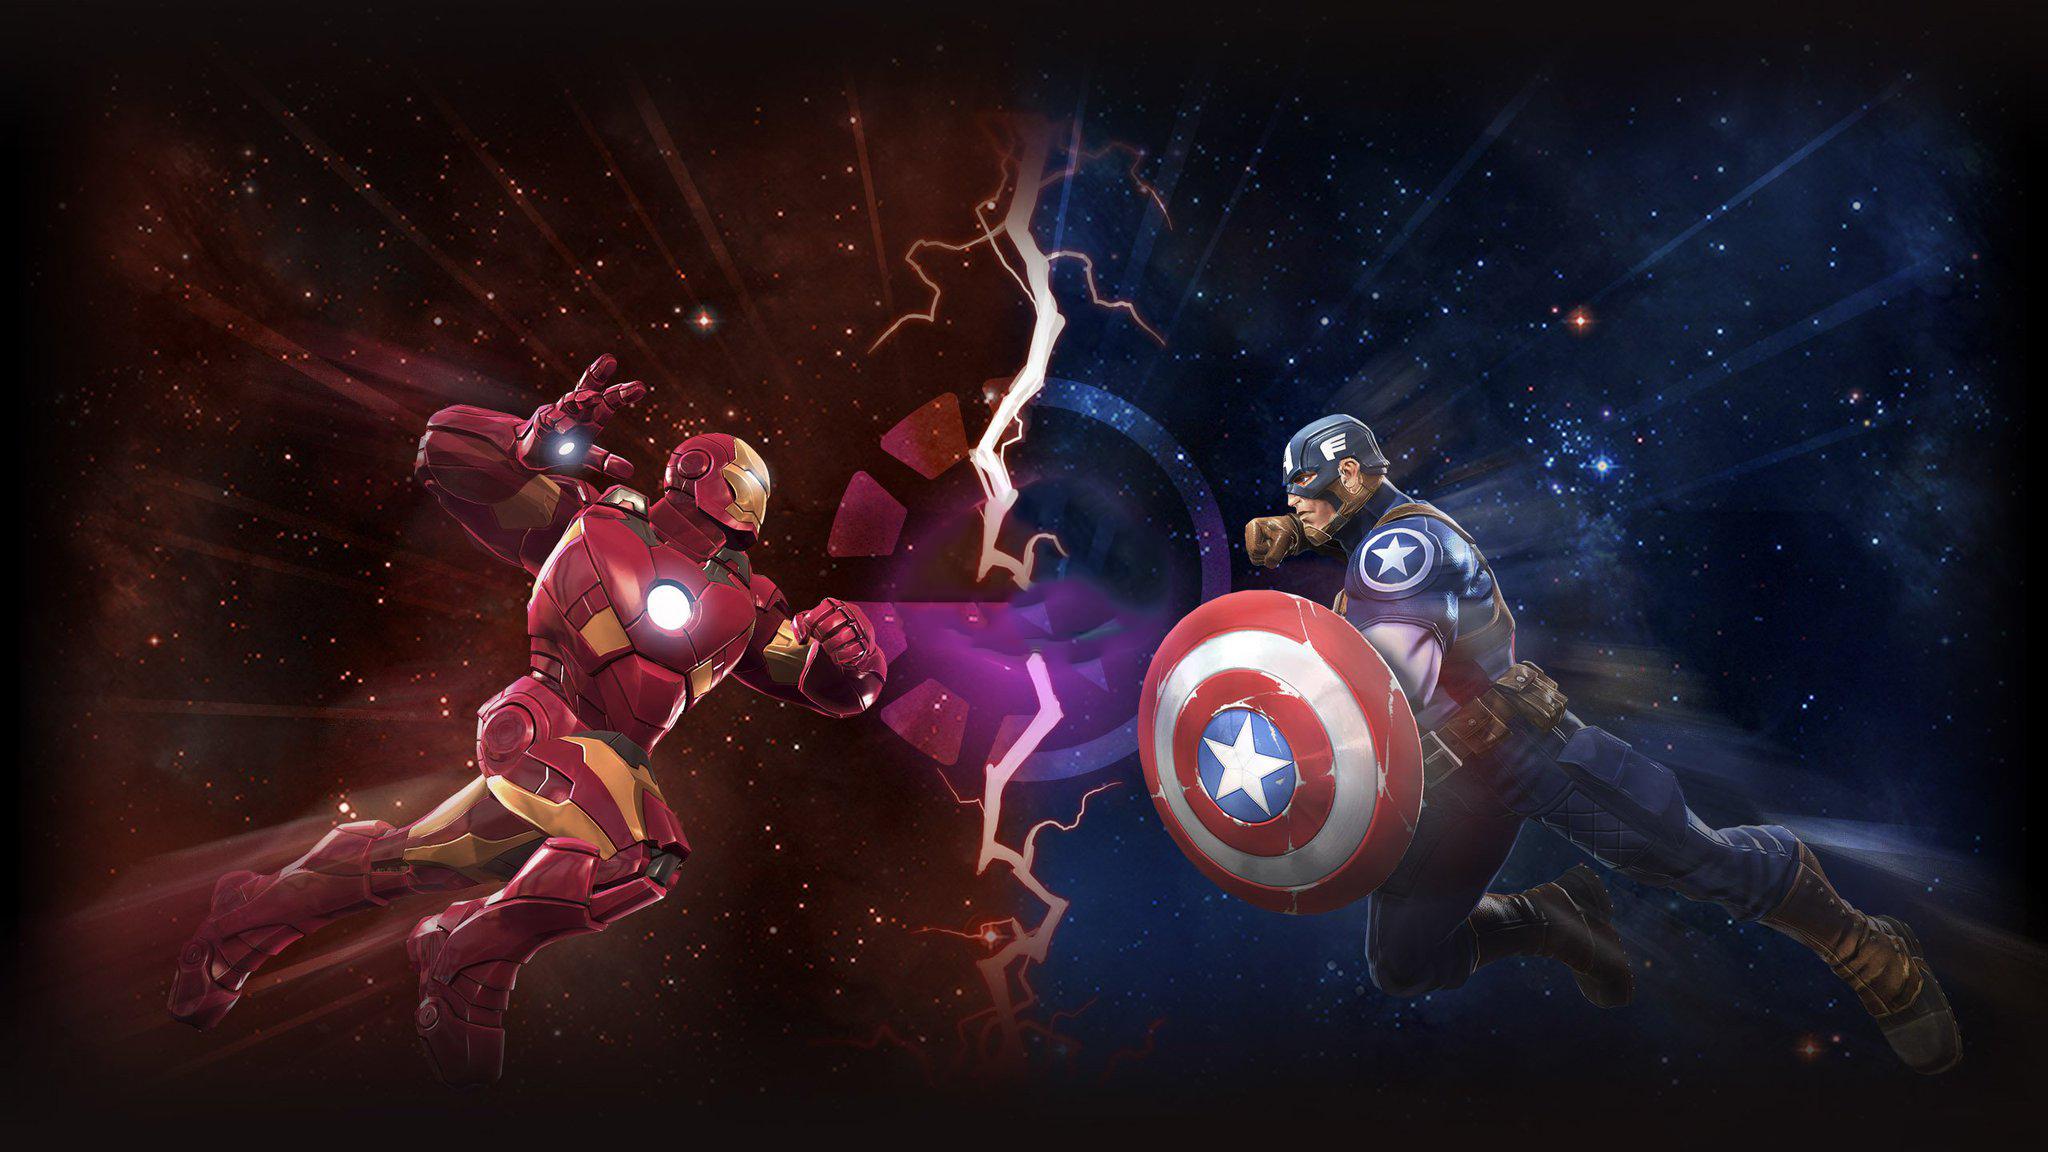 Железный человек против Капитана Америки произведения искусства обои скачать